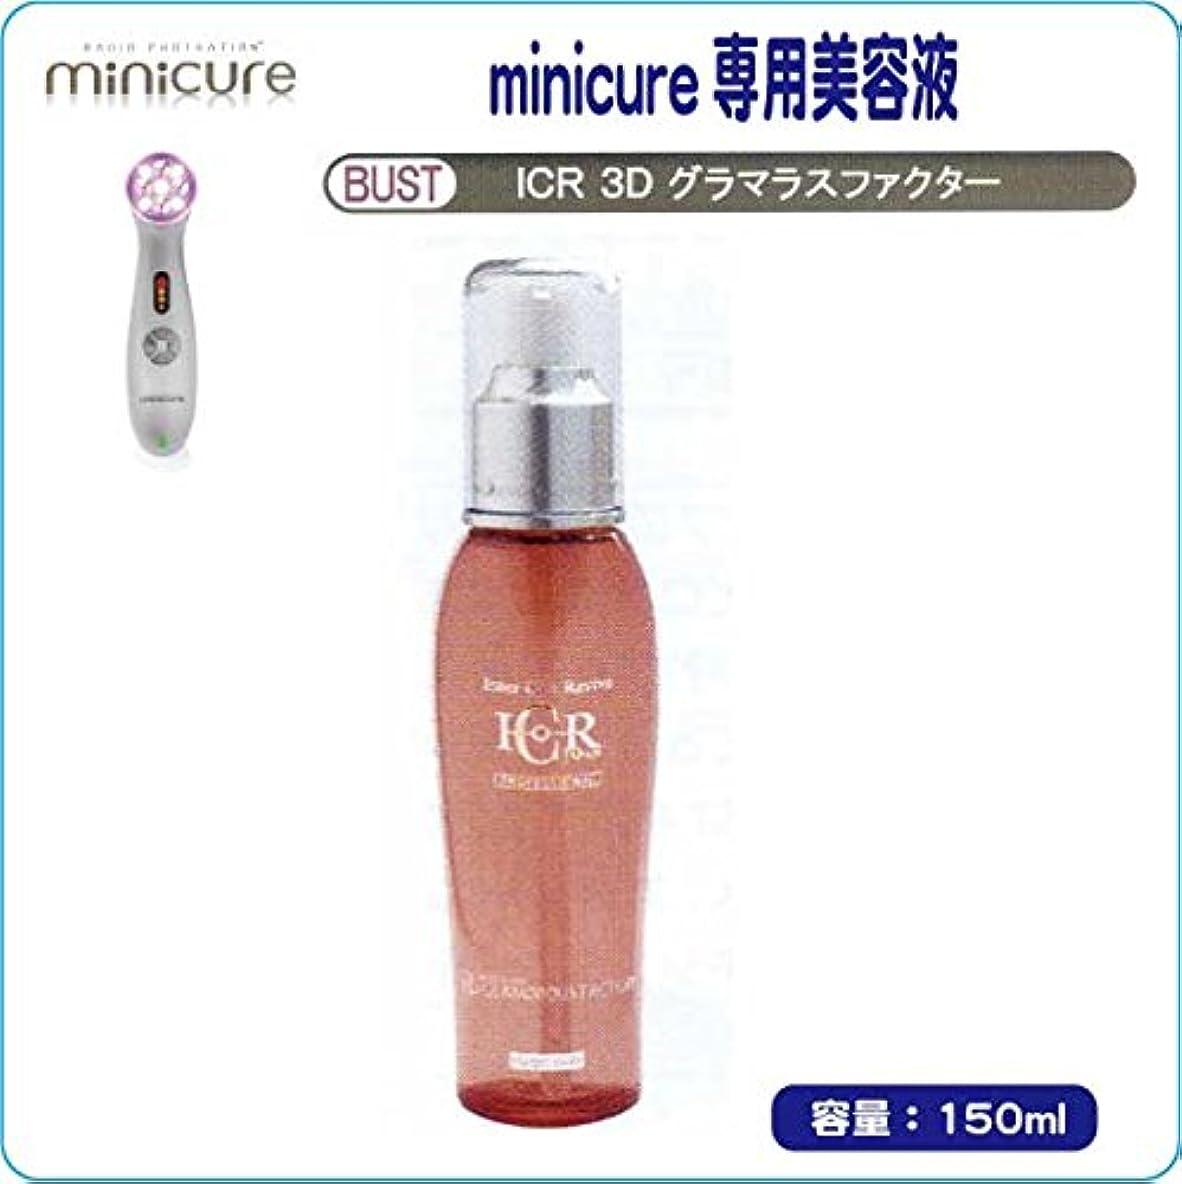 ウィザードピケ更新する【minicure専用美容液シリーズ】  【BUST】ICR 3D グラマラスファクター  150ml